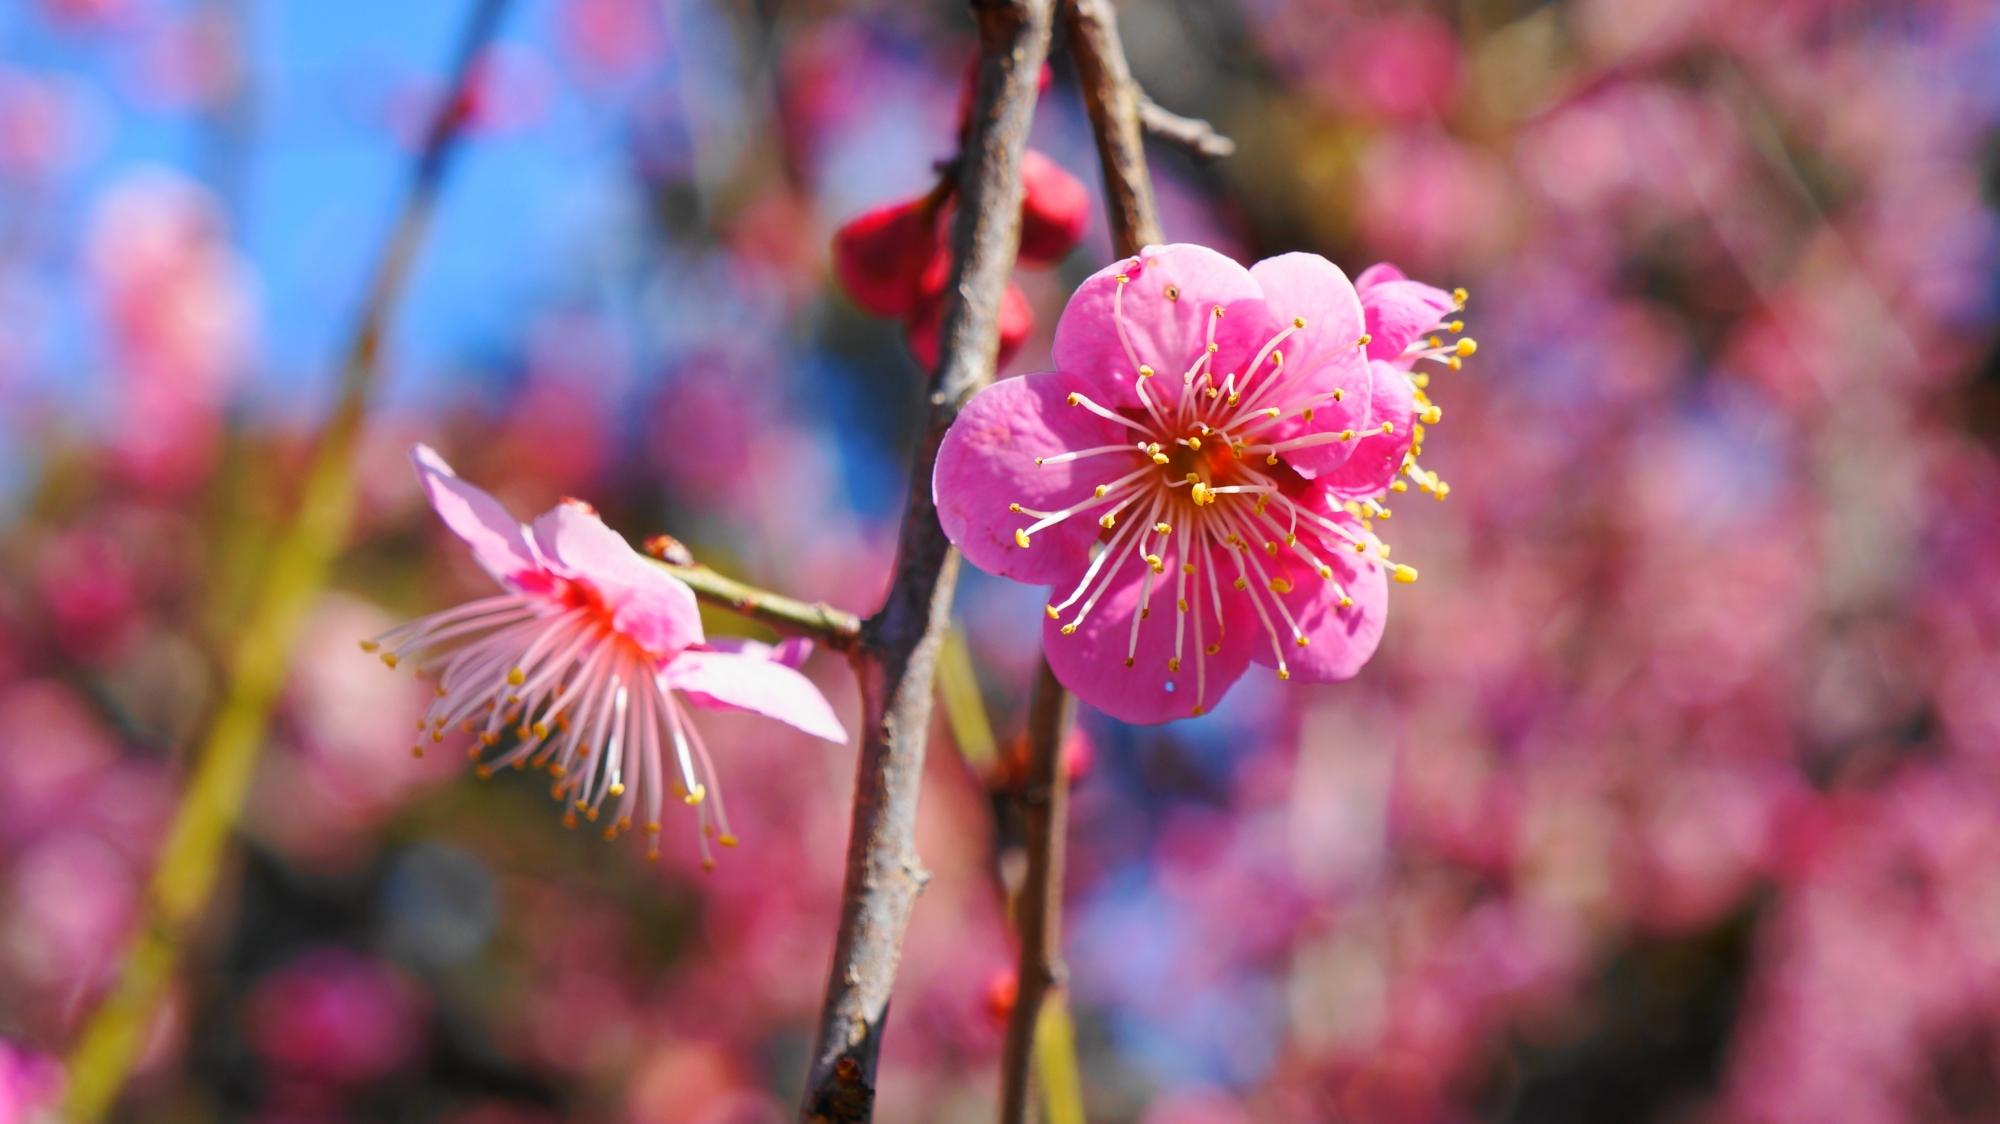 真っピンクの咲き誇る梅の花